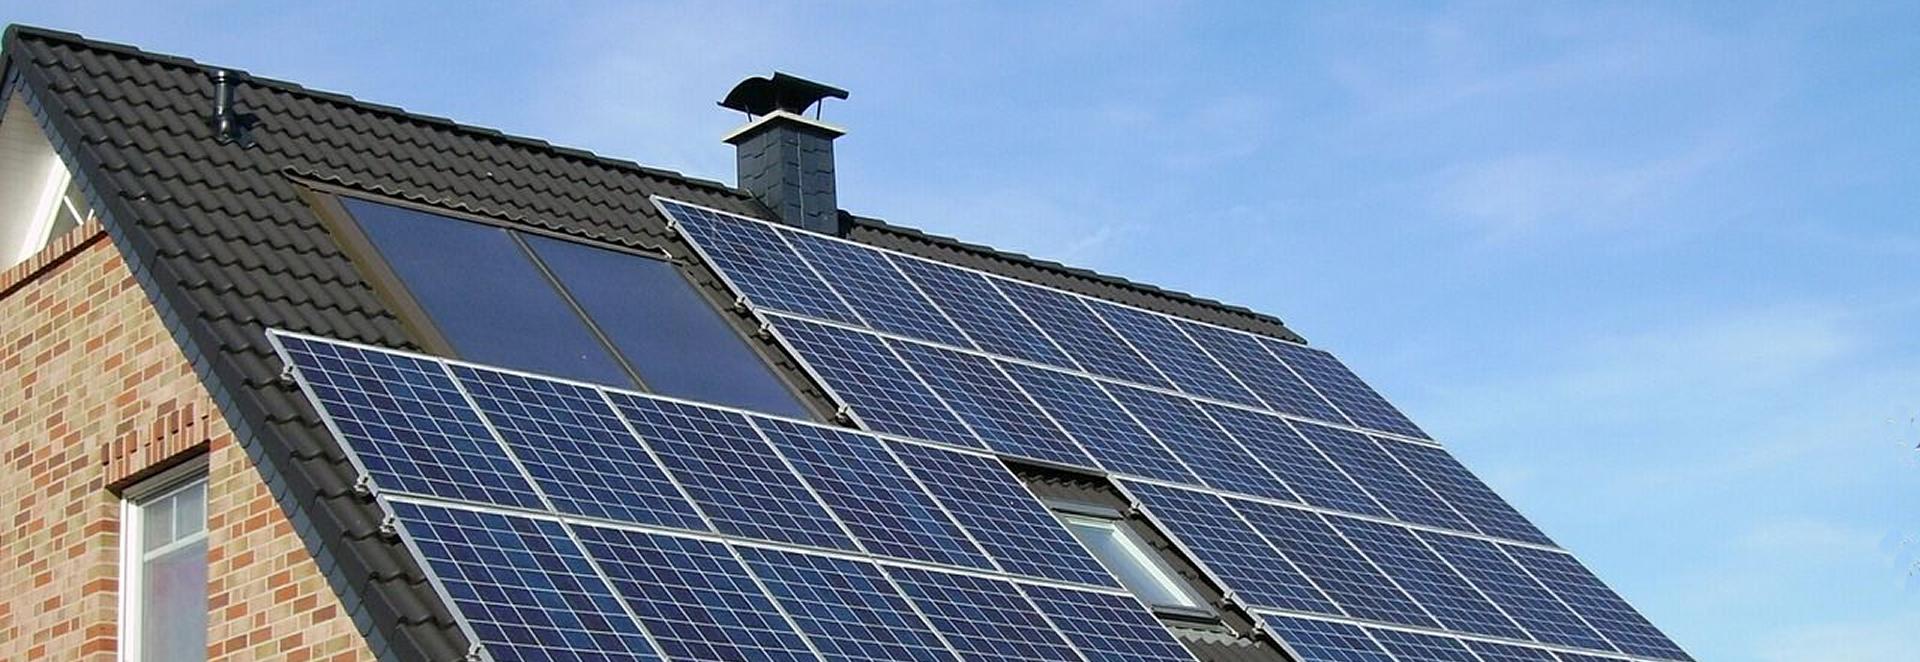 Ihre Photovoltaik-Anlage auf dem Dach hat viel Geld gekosten und soll nun möglichst lange halten. Wie muss ich die wertvolle Technik versichern? Wir beraten Sie individuell